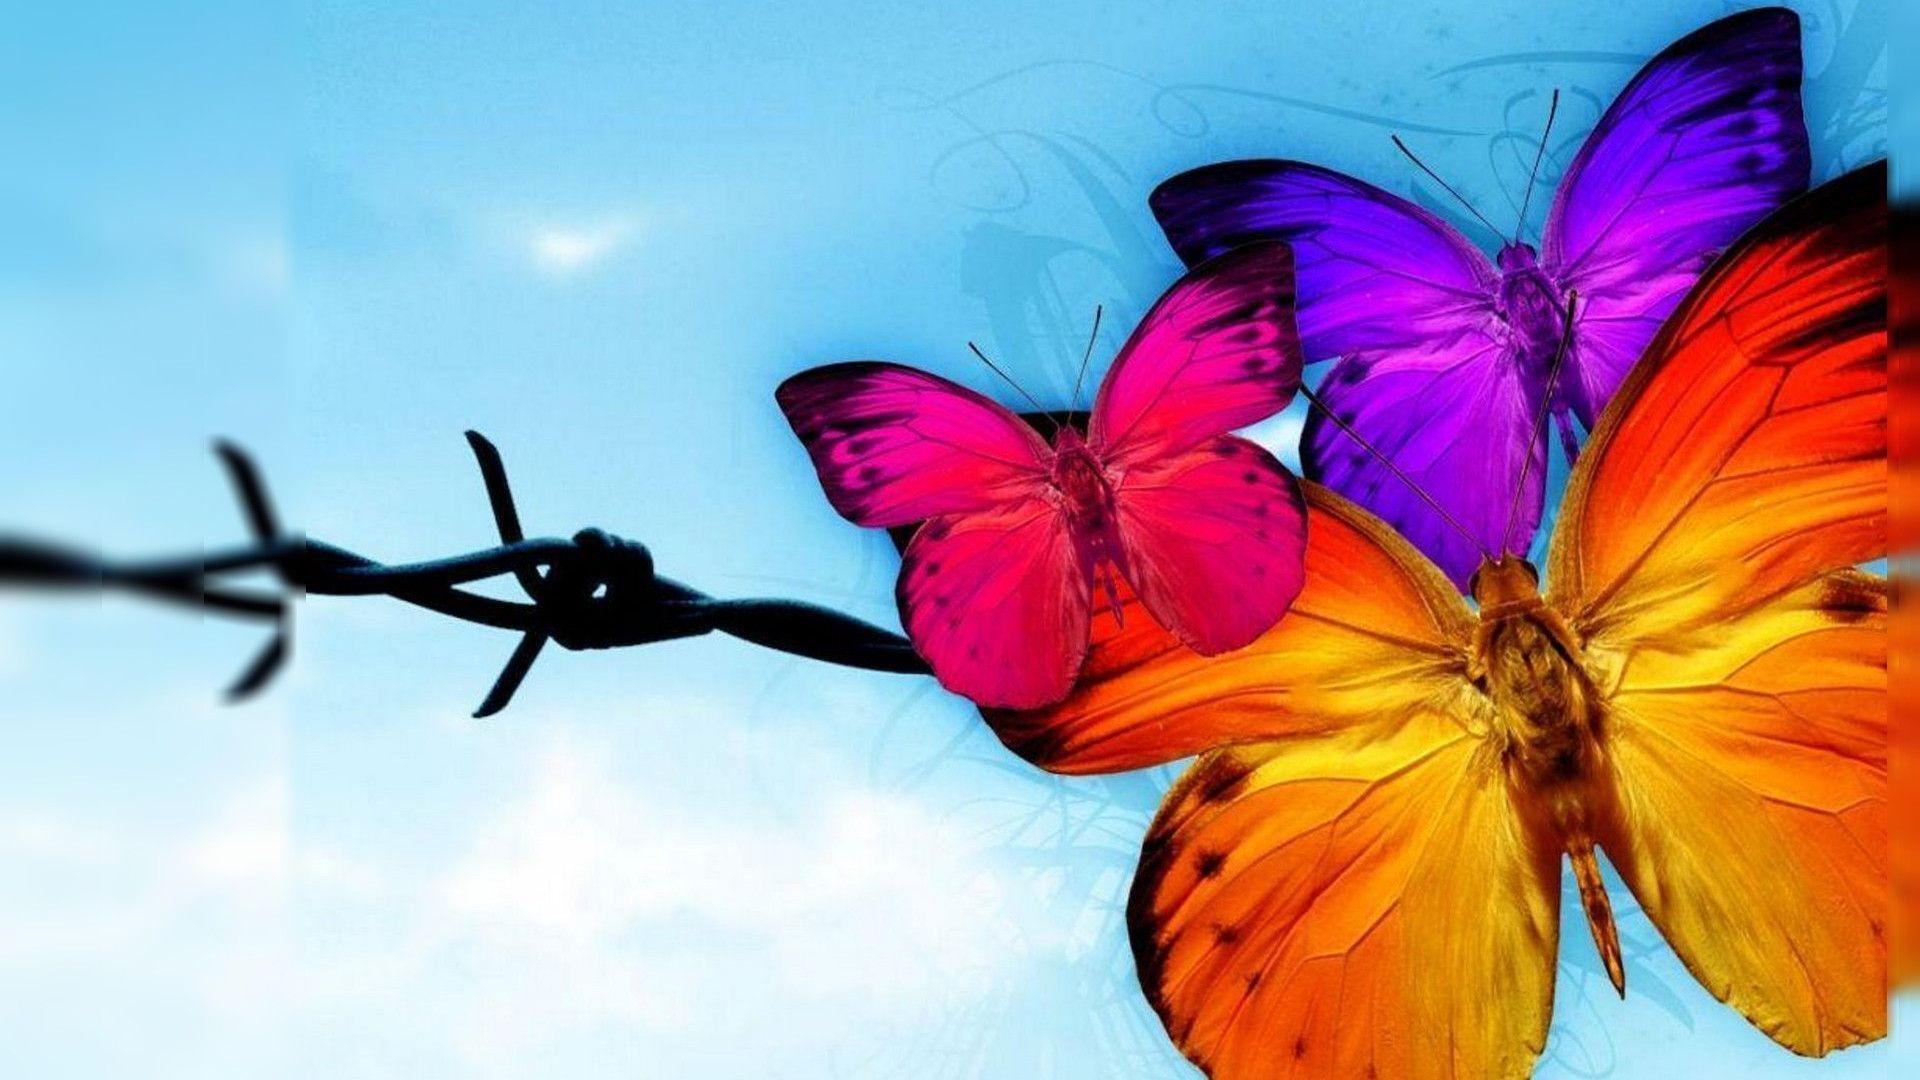 butterfly wallpaper hd free download butterfly wallpaper hd free